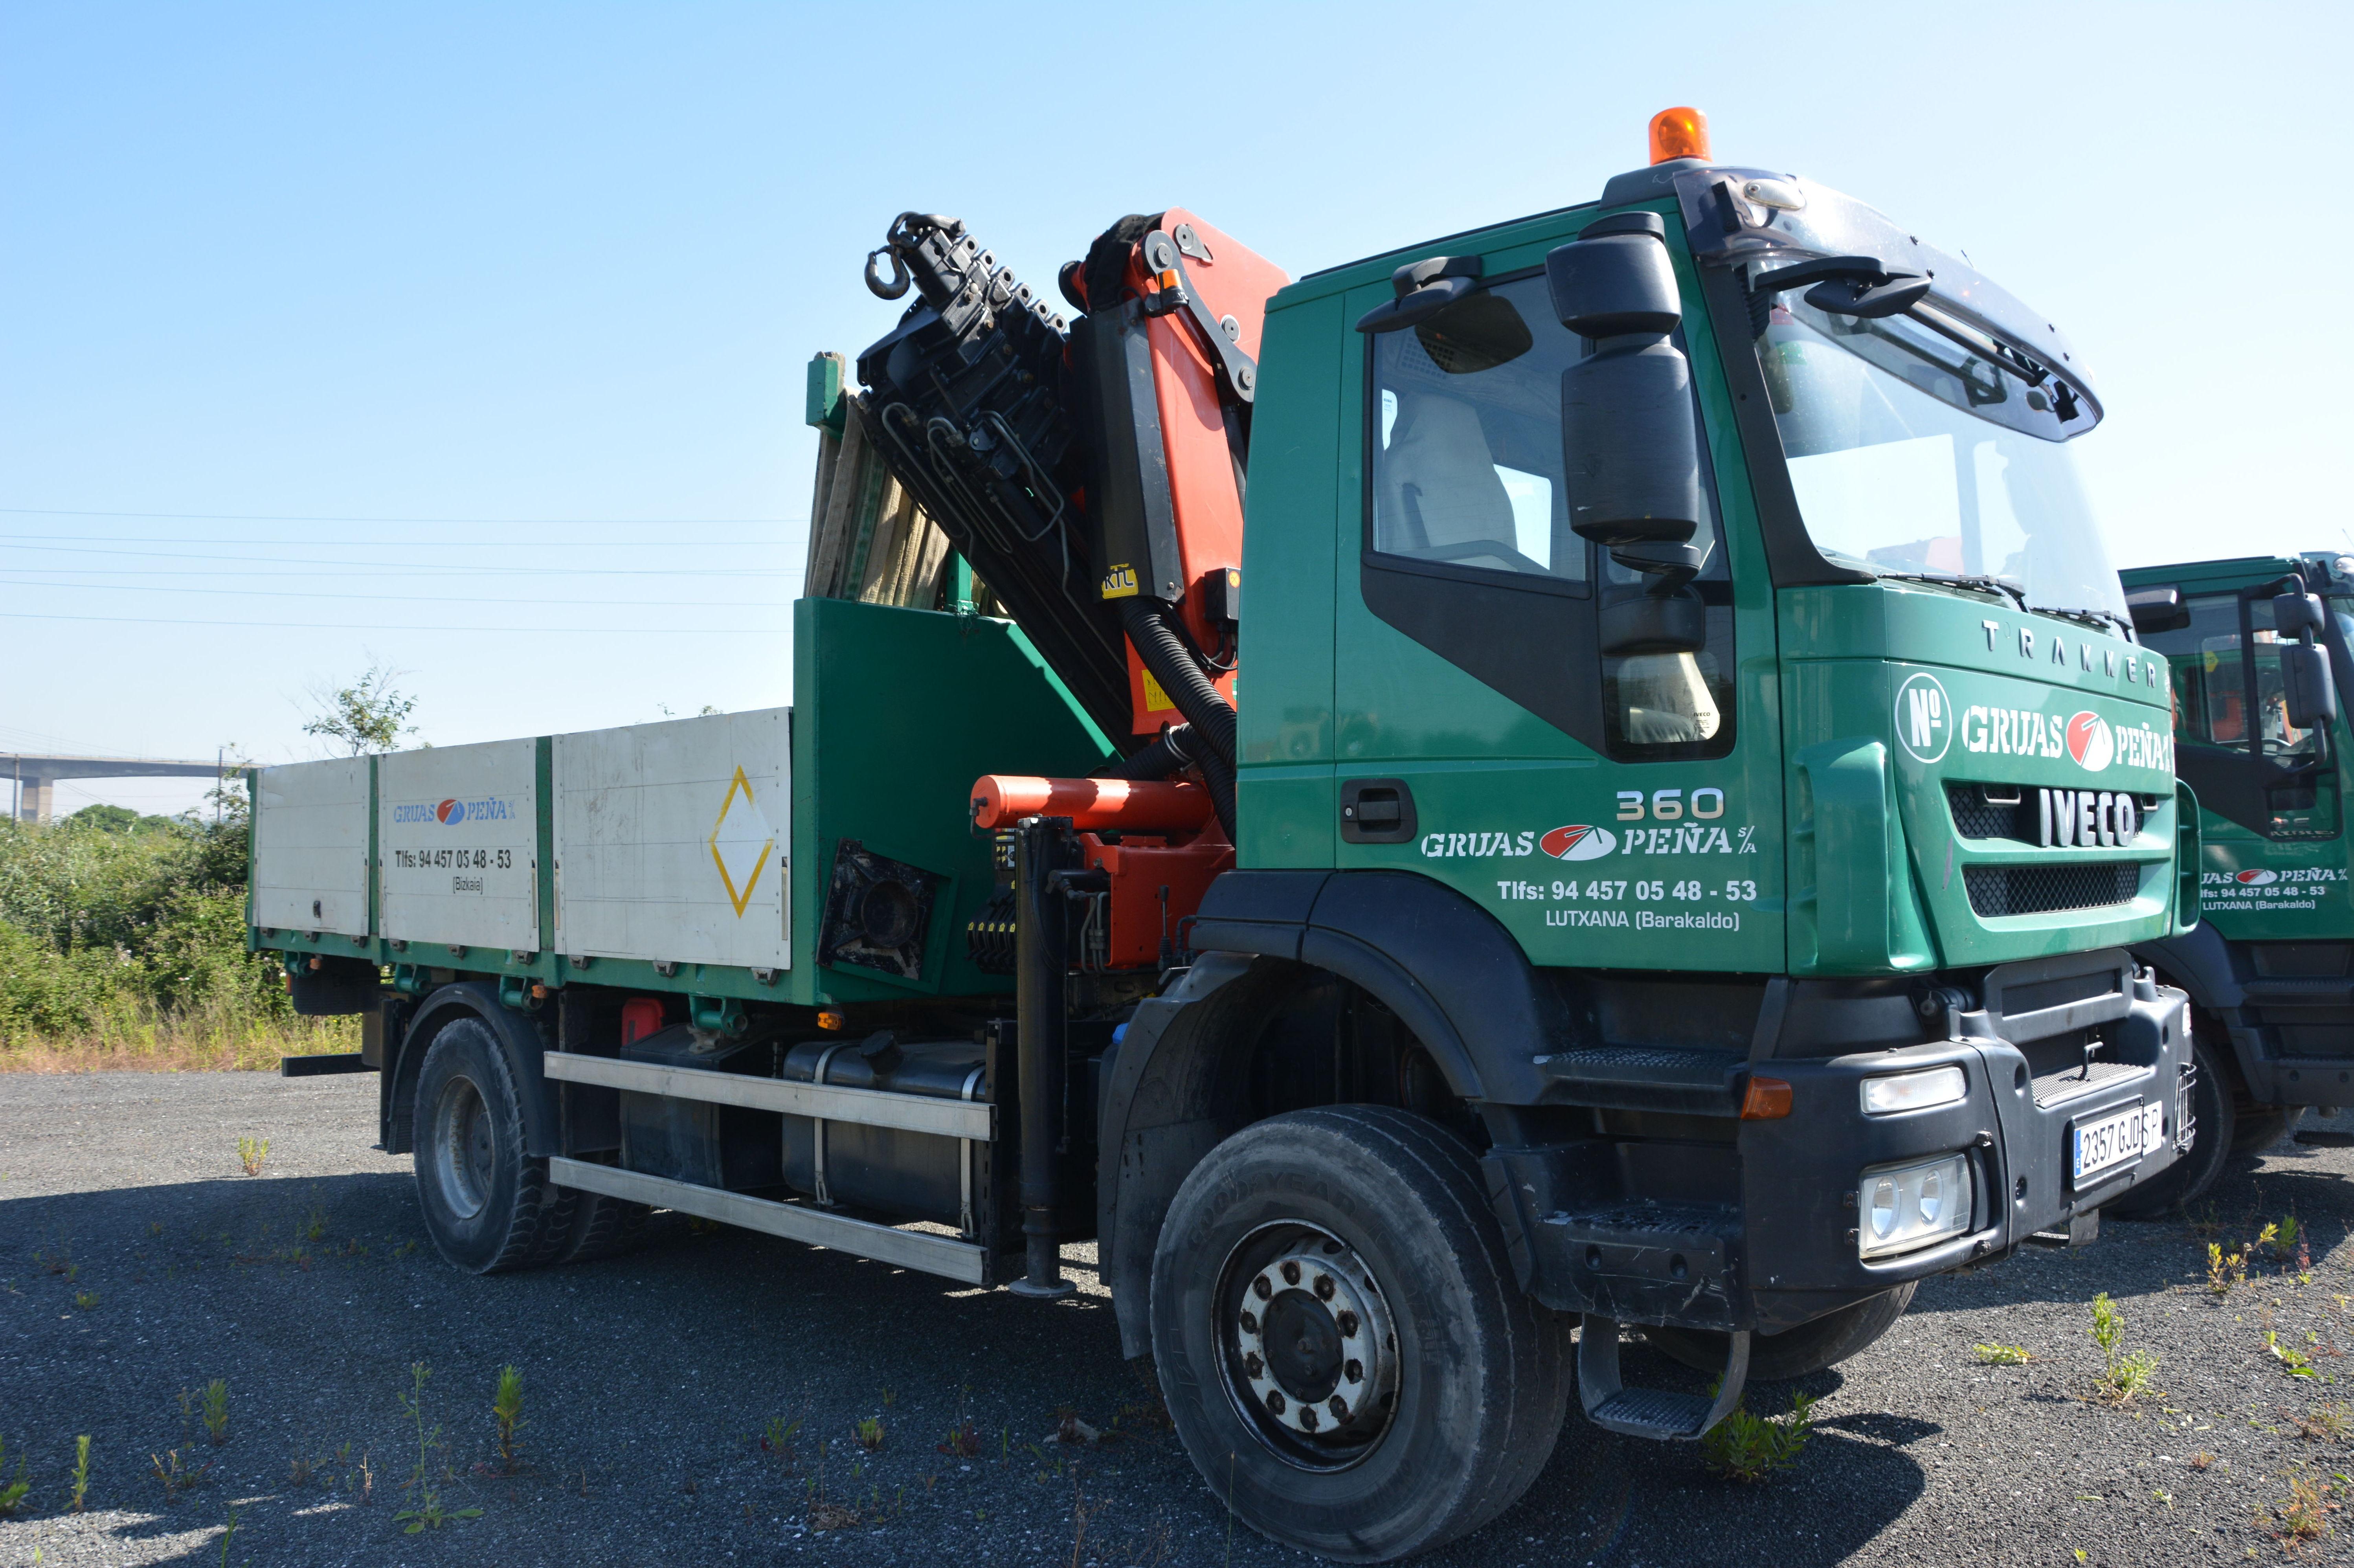 Foto 9 de Alquiler de camiones con grúa en Barakaldo | Camiones con Grúas Peña